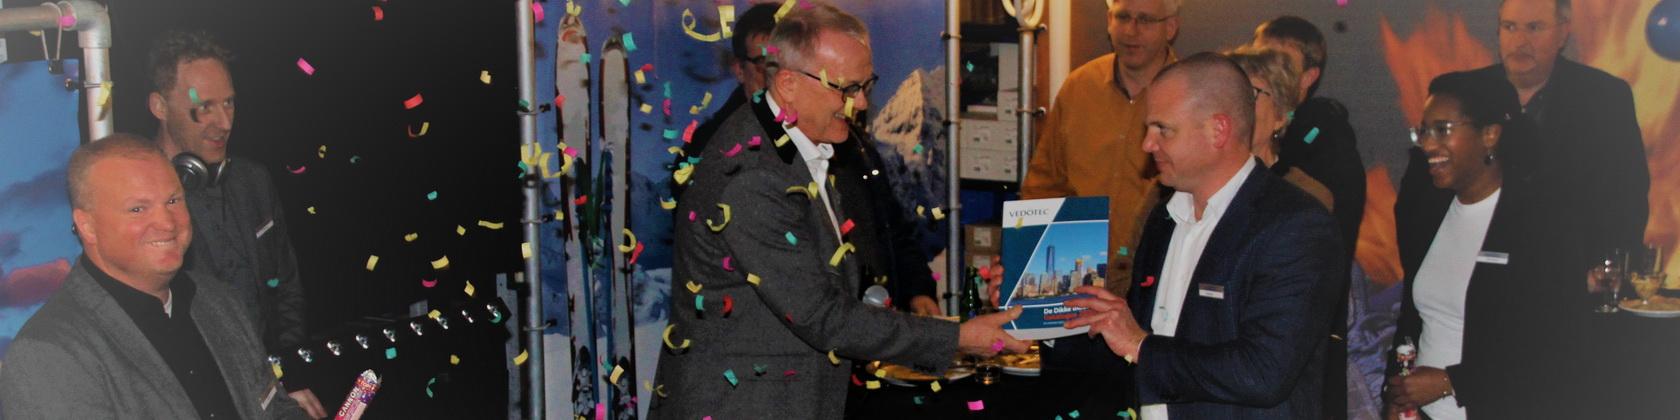 Marien ontvangt De Dikke Blauwe 2020 van Piet